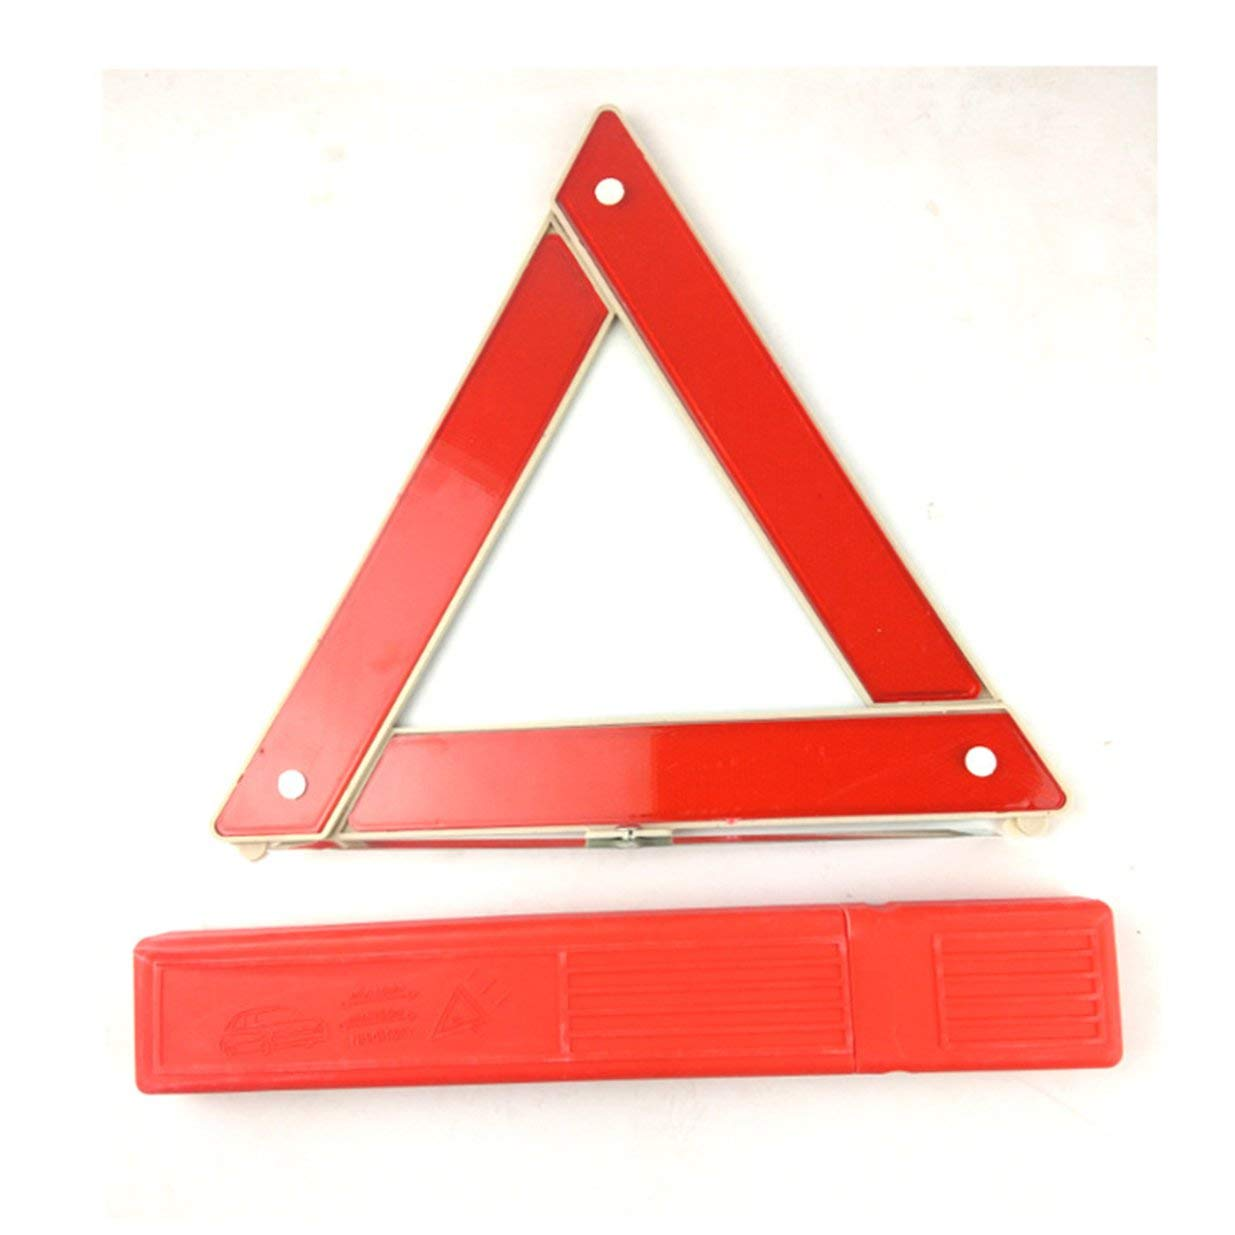 Banbie8409 Auto-Selbstsicherheitsnotfall-reflektierendes Warndreieck-rotes Auto-Warnzeichen-rot